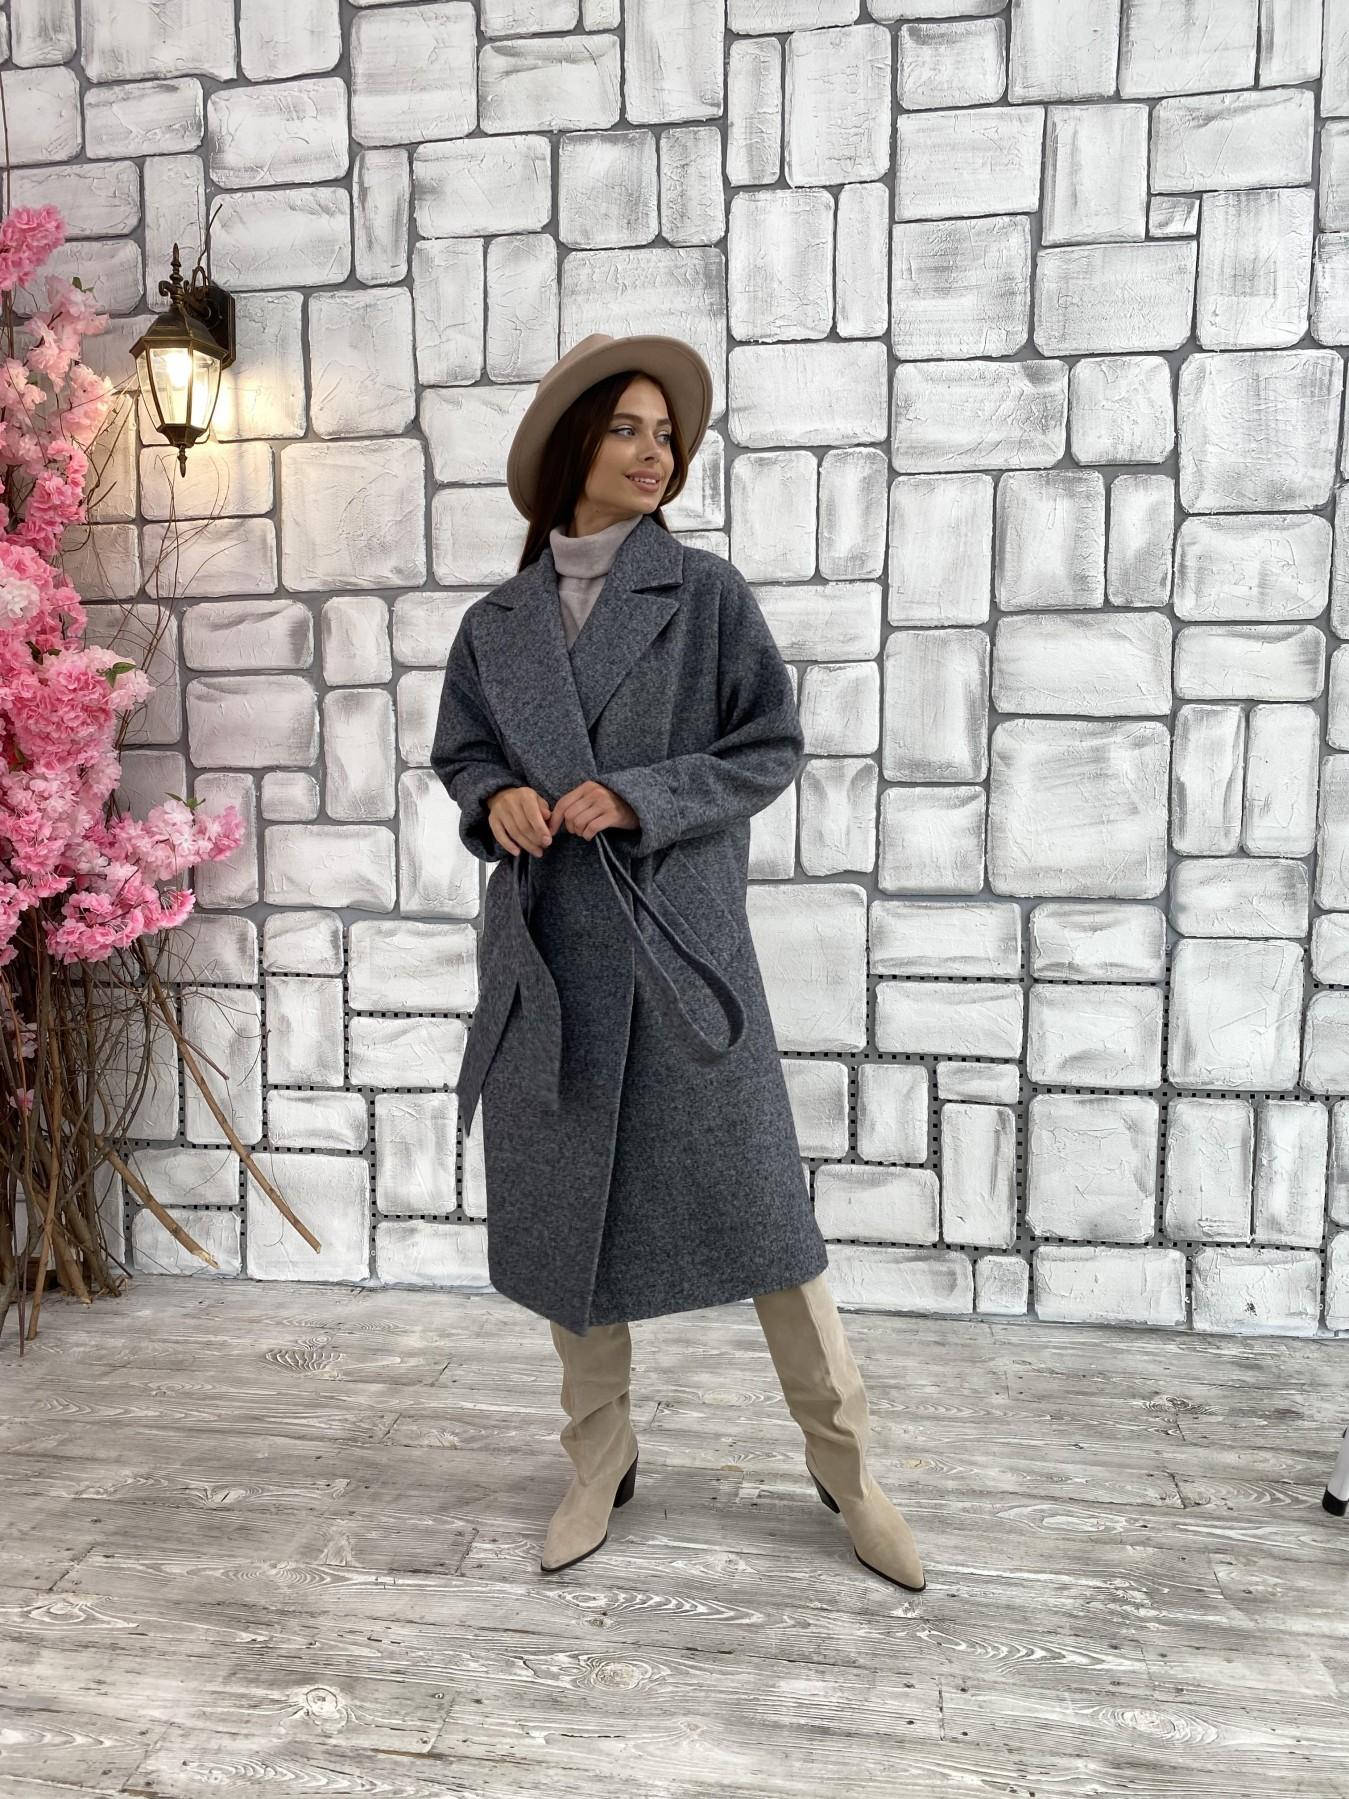 Влада шерсть варенка ткань пальто 11639 АРТ. 48351 Цвет: Серый темный 5 - фото 2, интернет магазин tm-modus.ru